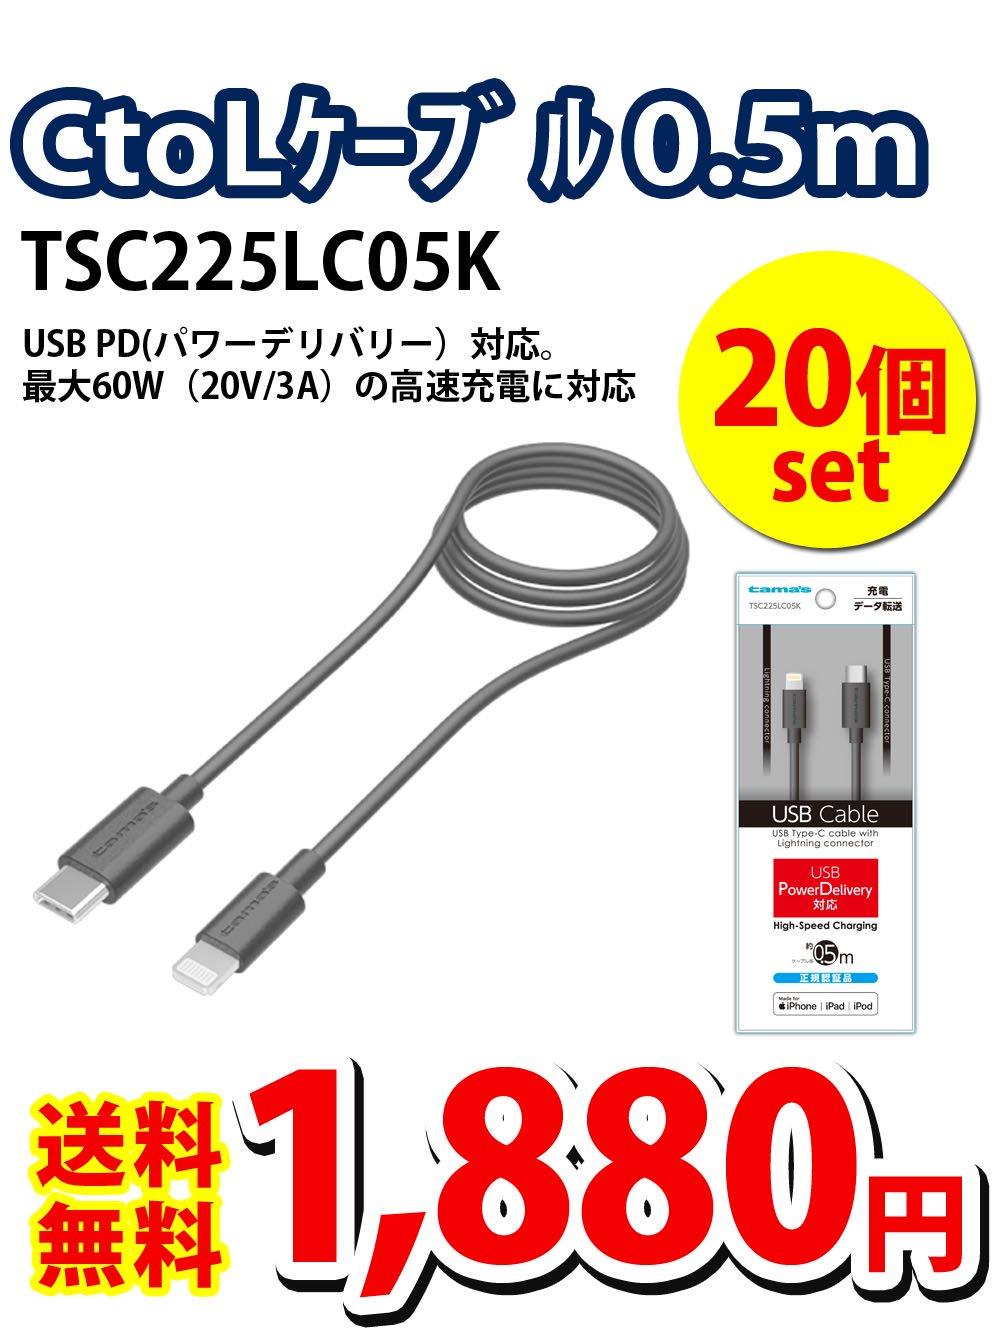 【送料無料】CtoLケーブル1.0m TSC225LC05K【20個セット】1880円